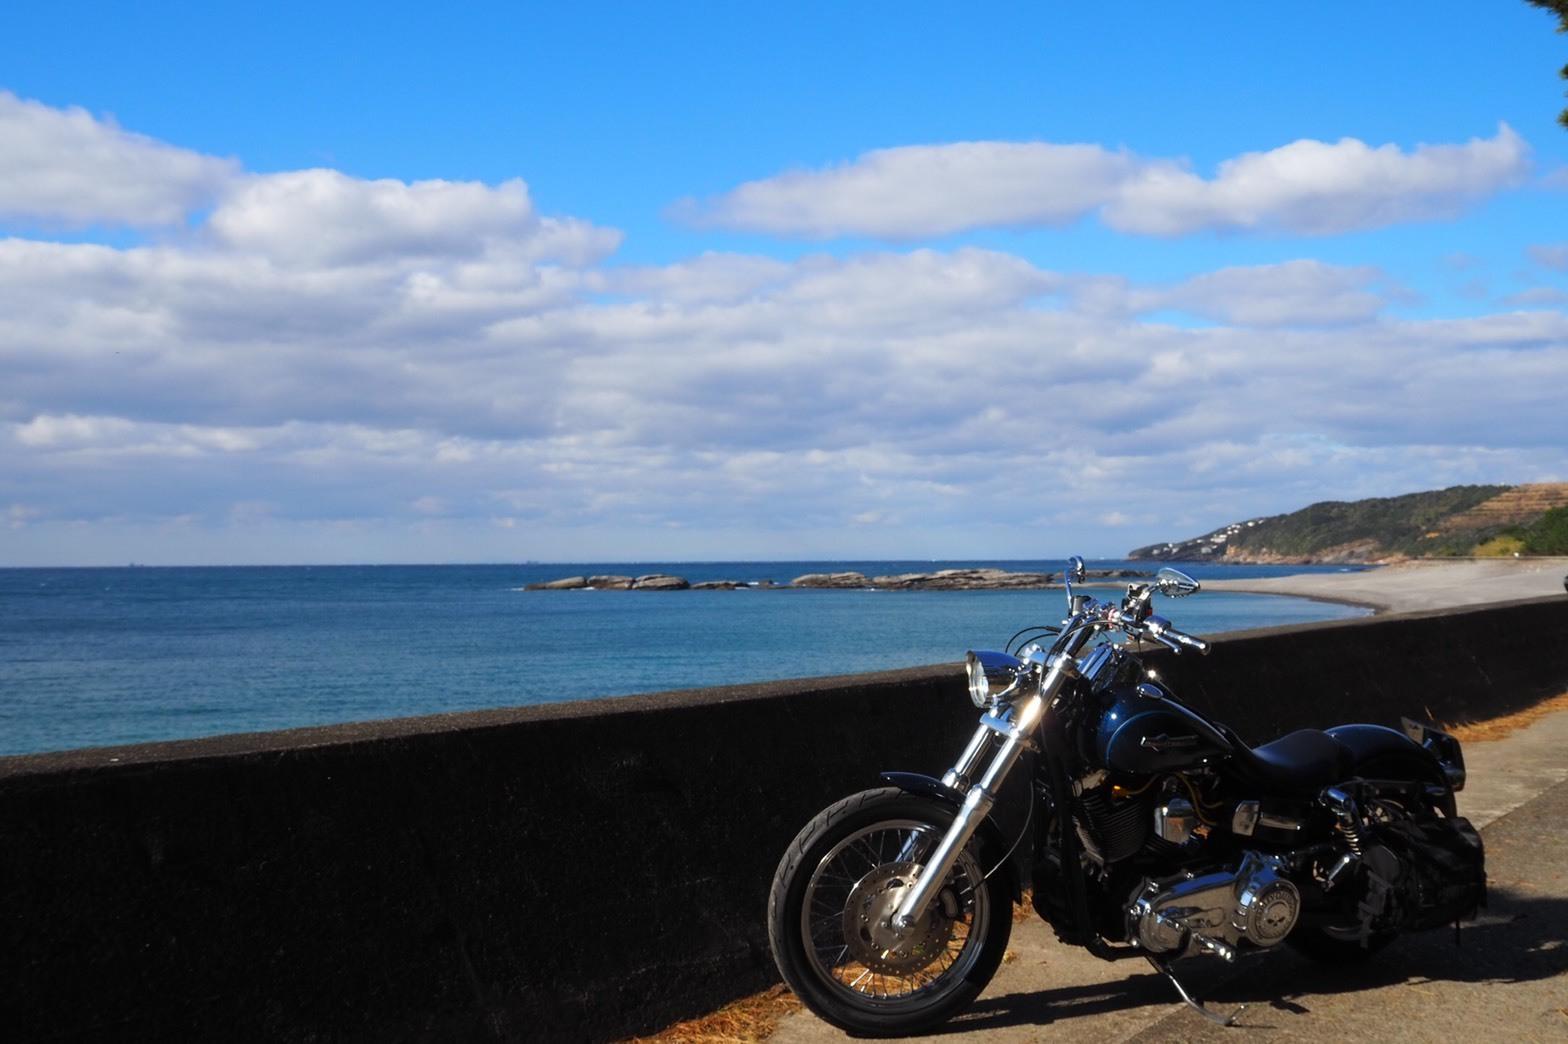 harleydavidson-motorcycle-touring-blog-wakayama-nankishirahama-oma-beach.jpg